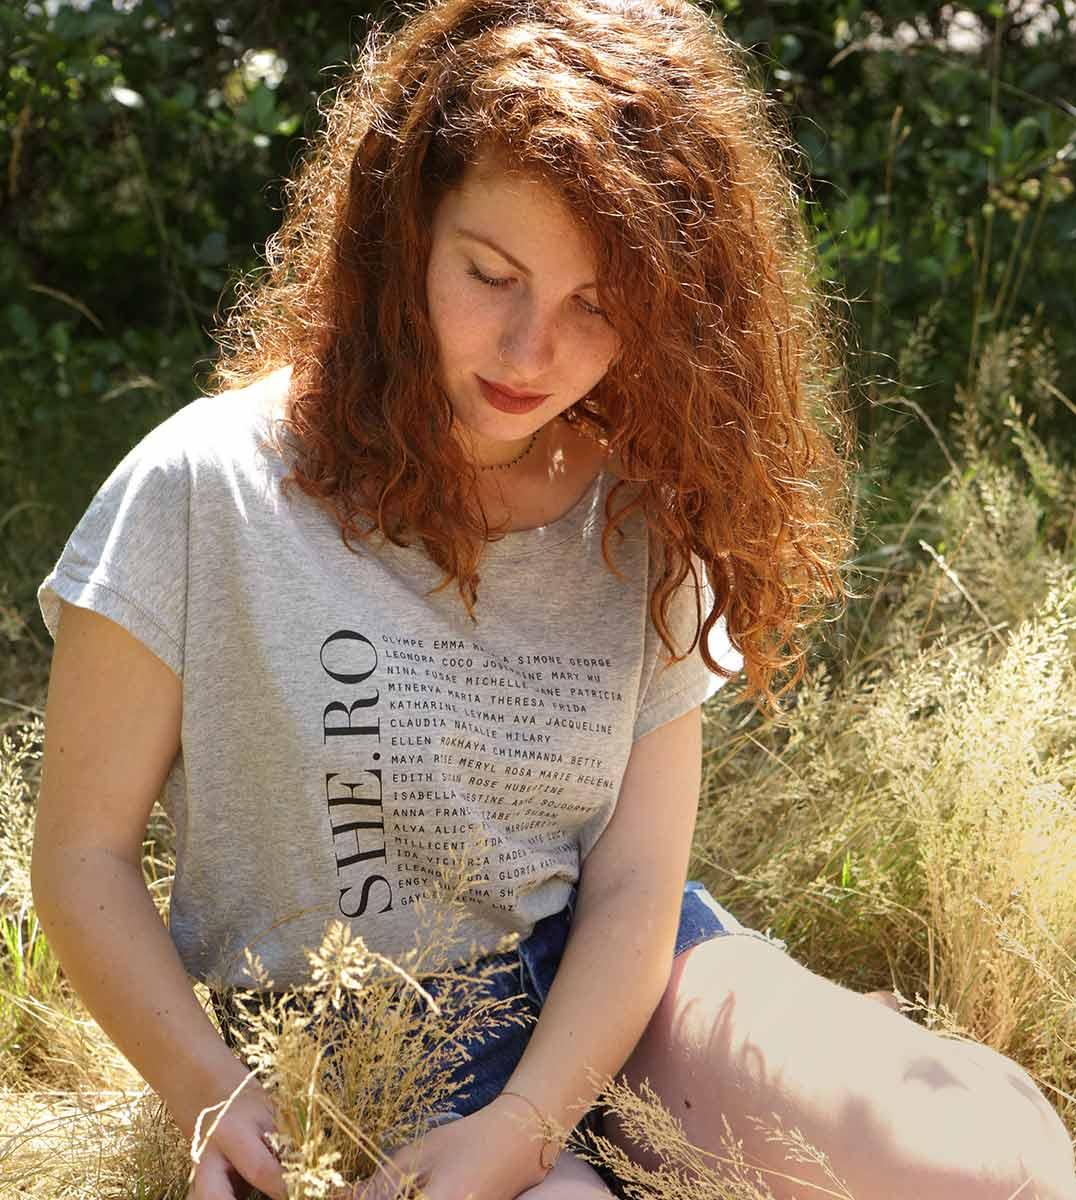 femme assise avec le t-shirt shero gris loose